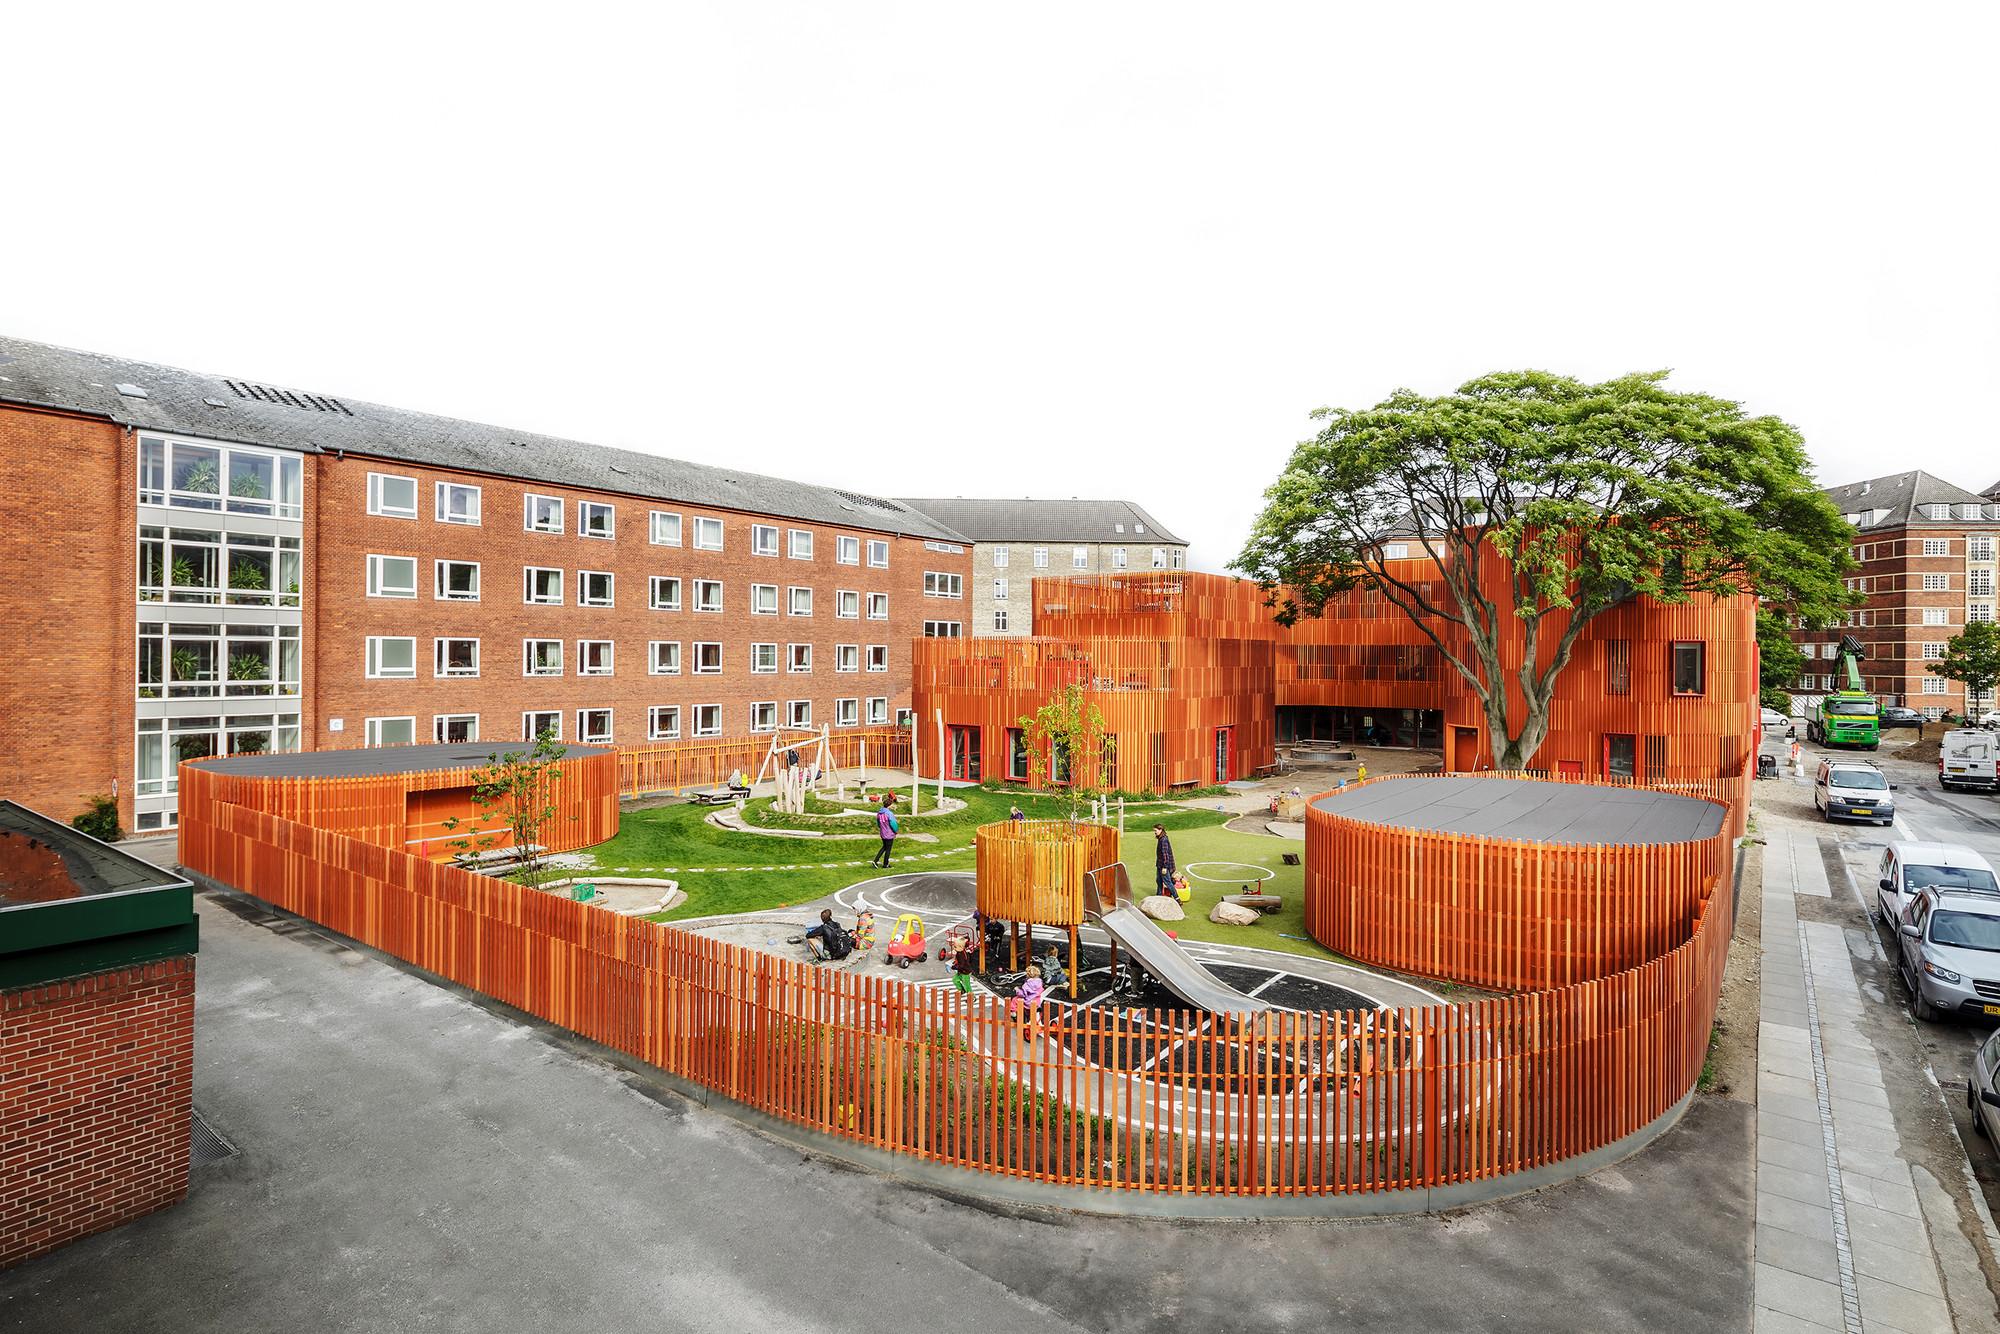 Forfatterhuset Kindergarten. Imagen © Rasmus Hjortshøj and Adam Mørk